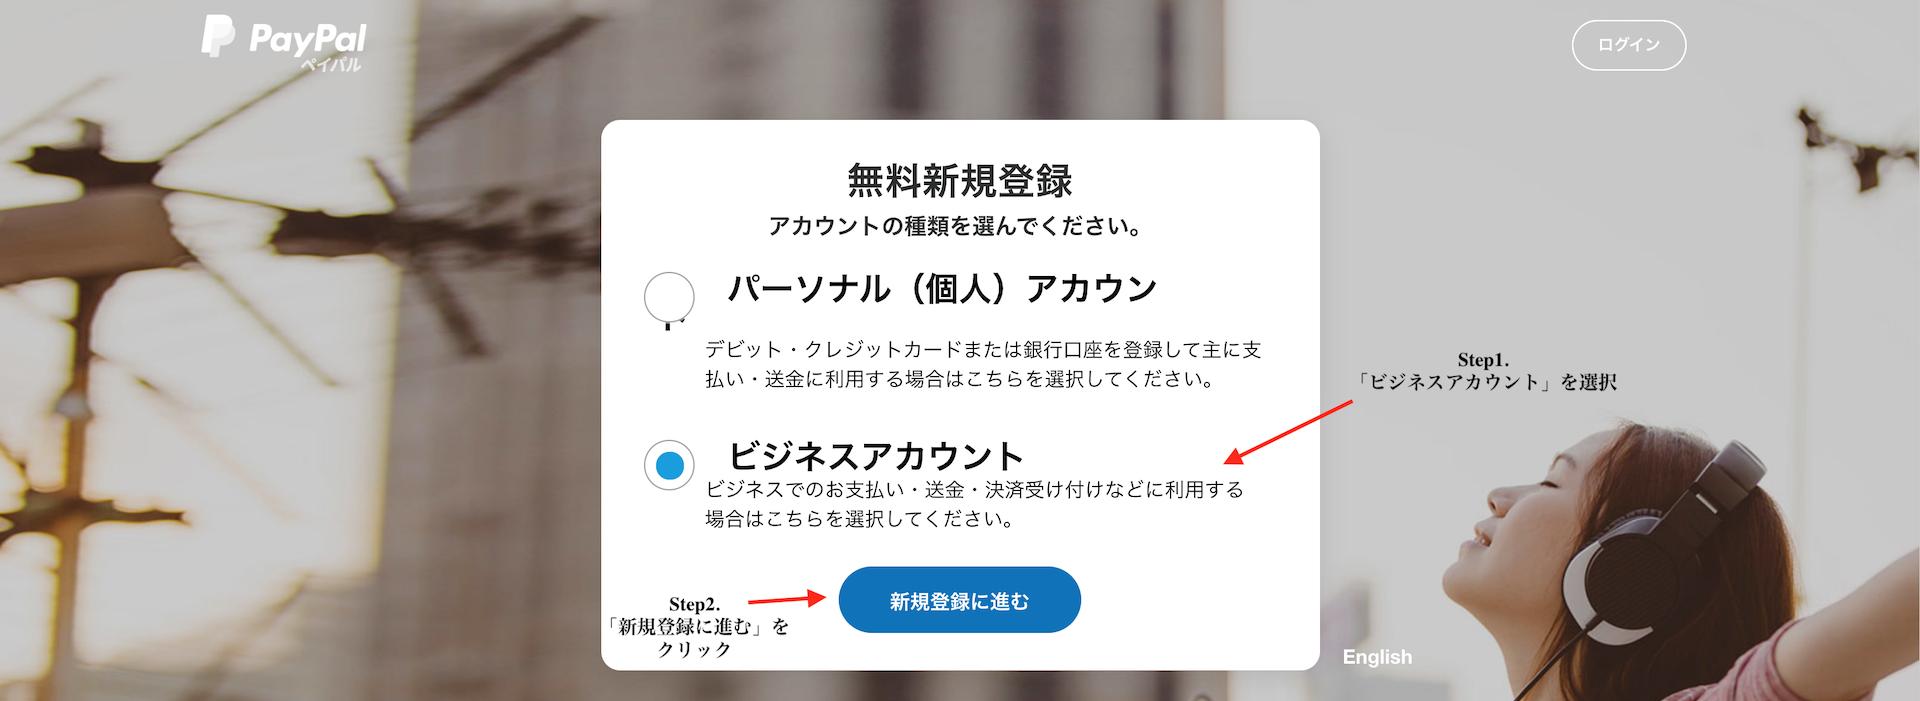 PayPal ビジネスアカウントを選択して新規登録する